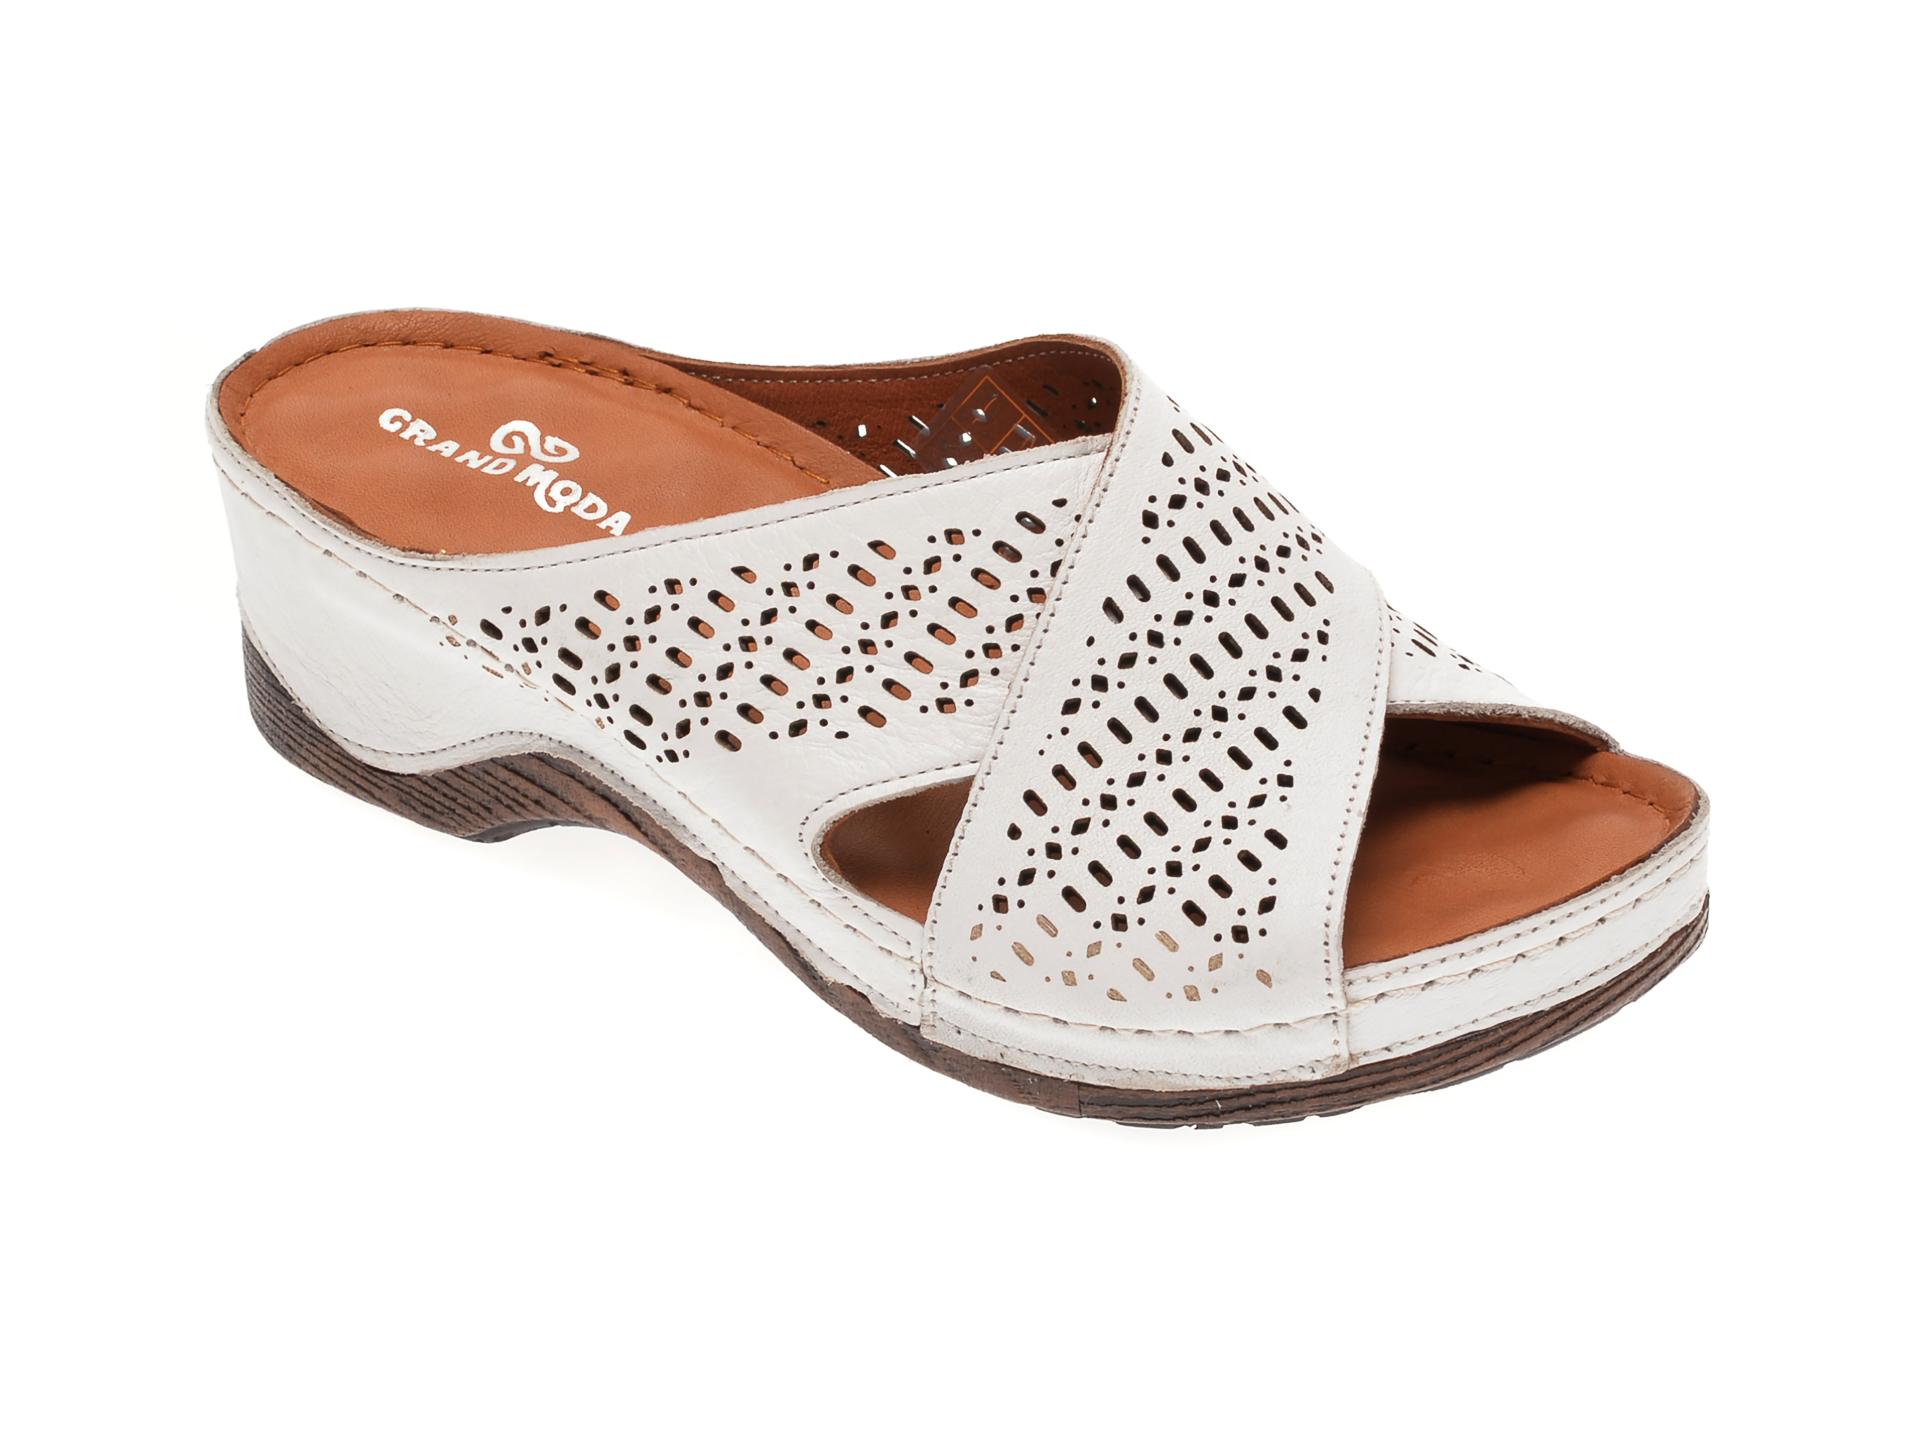 Papuci GRAND MODA albi, 5171, din piele naturala New